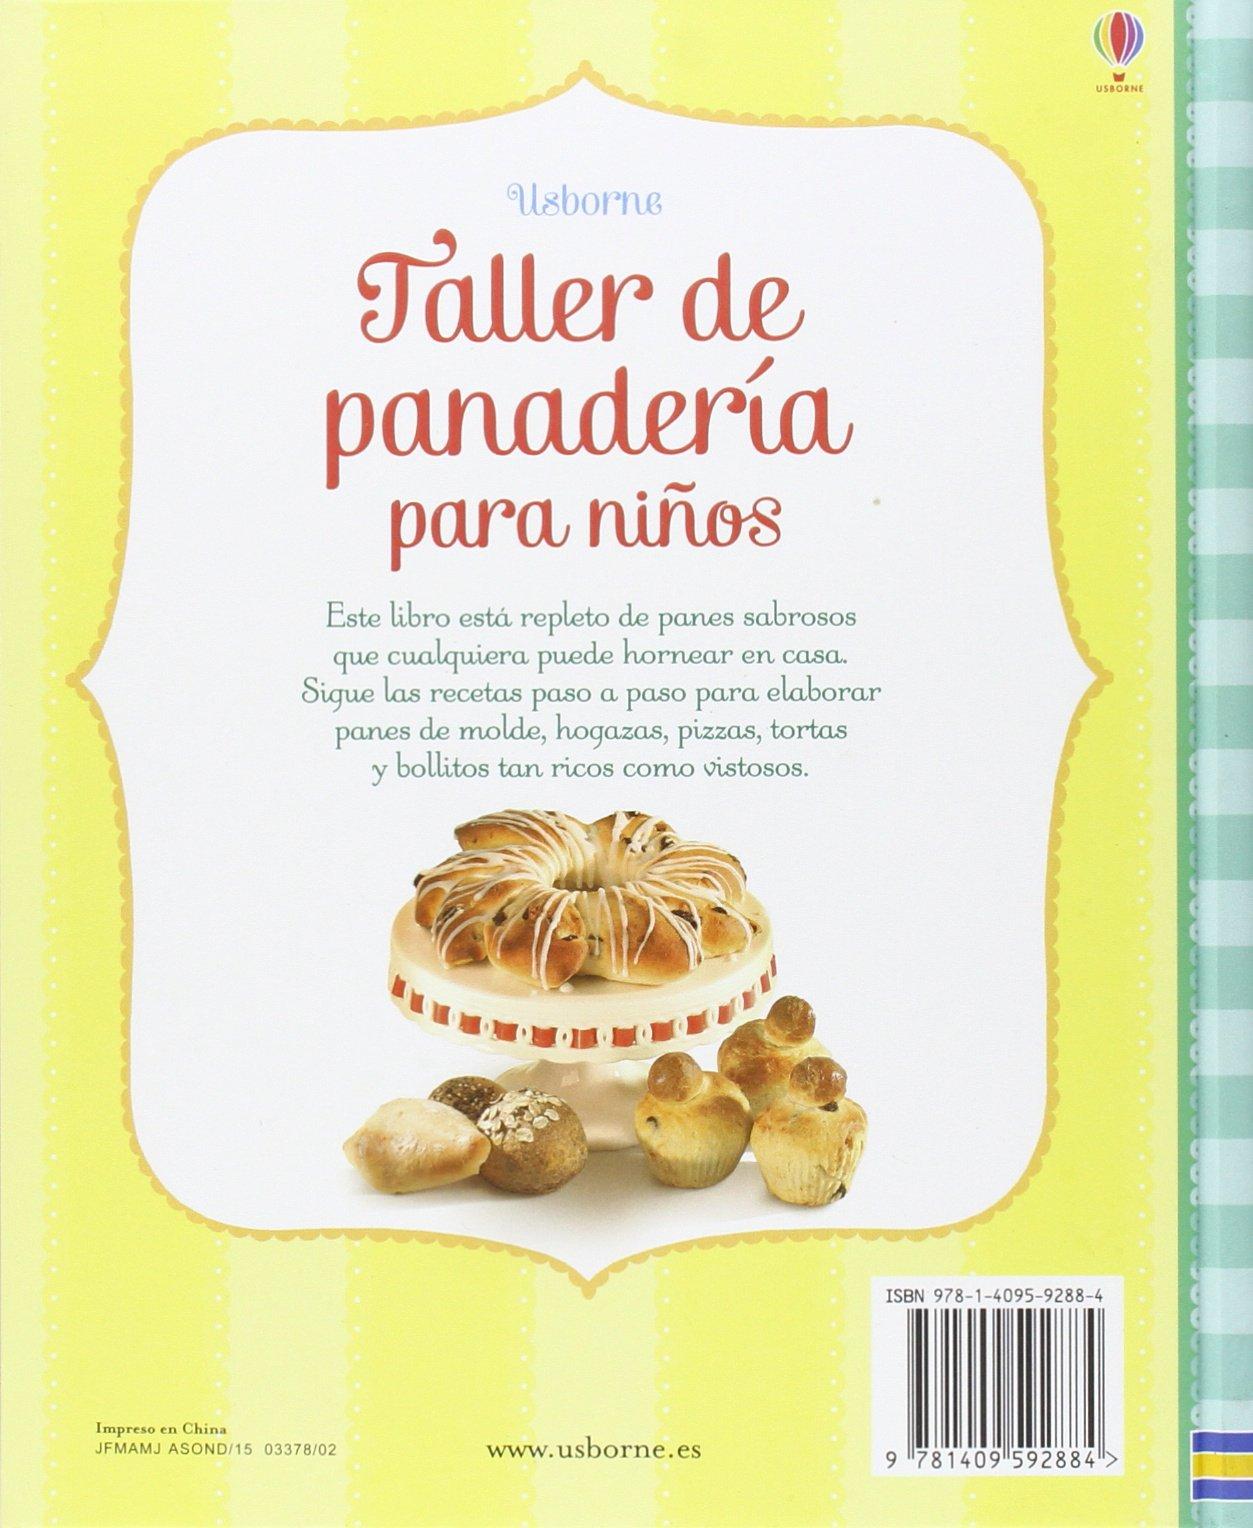 Taller de panadería para niños: Abigail/Baer, Sam Wheatley: 9781409592884: Amazon.com: Books